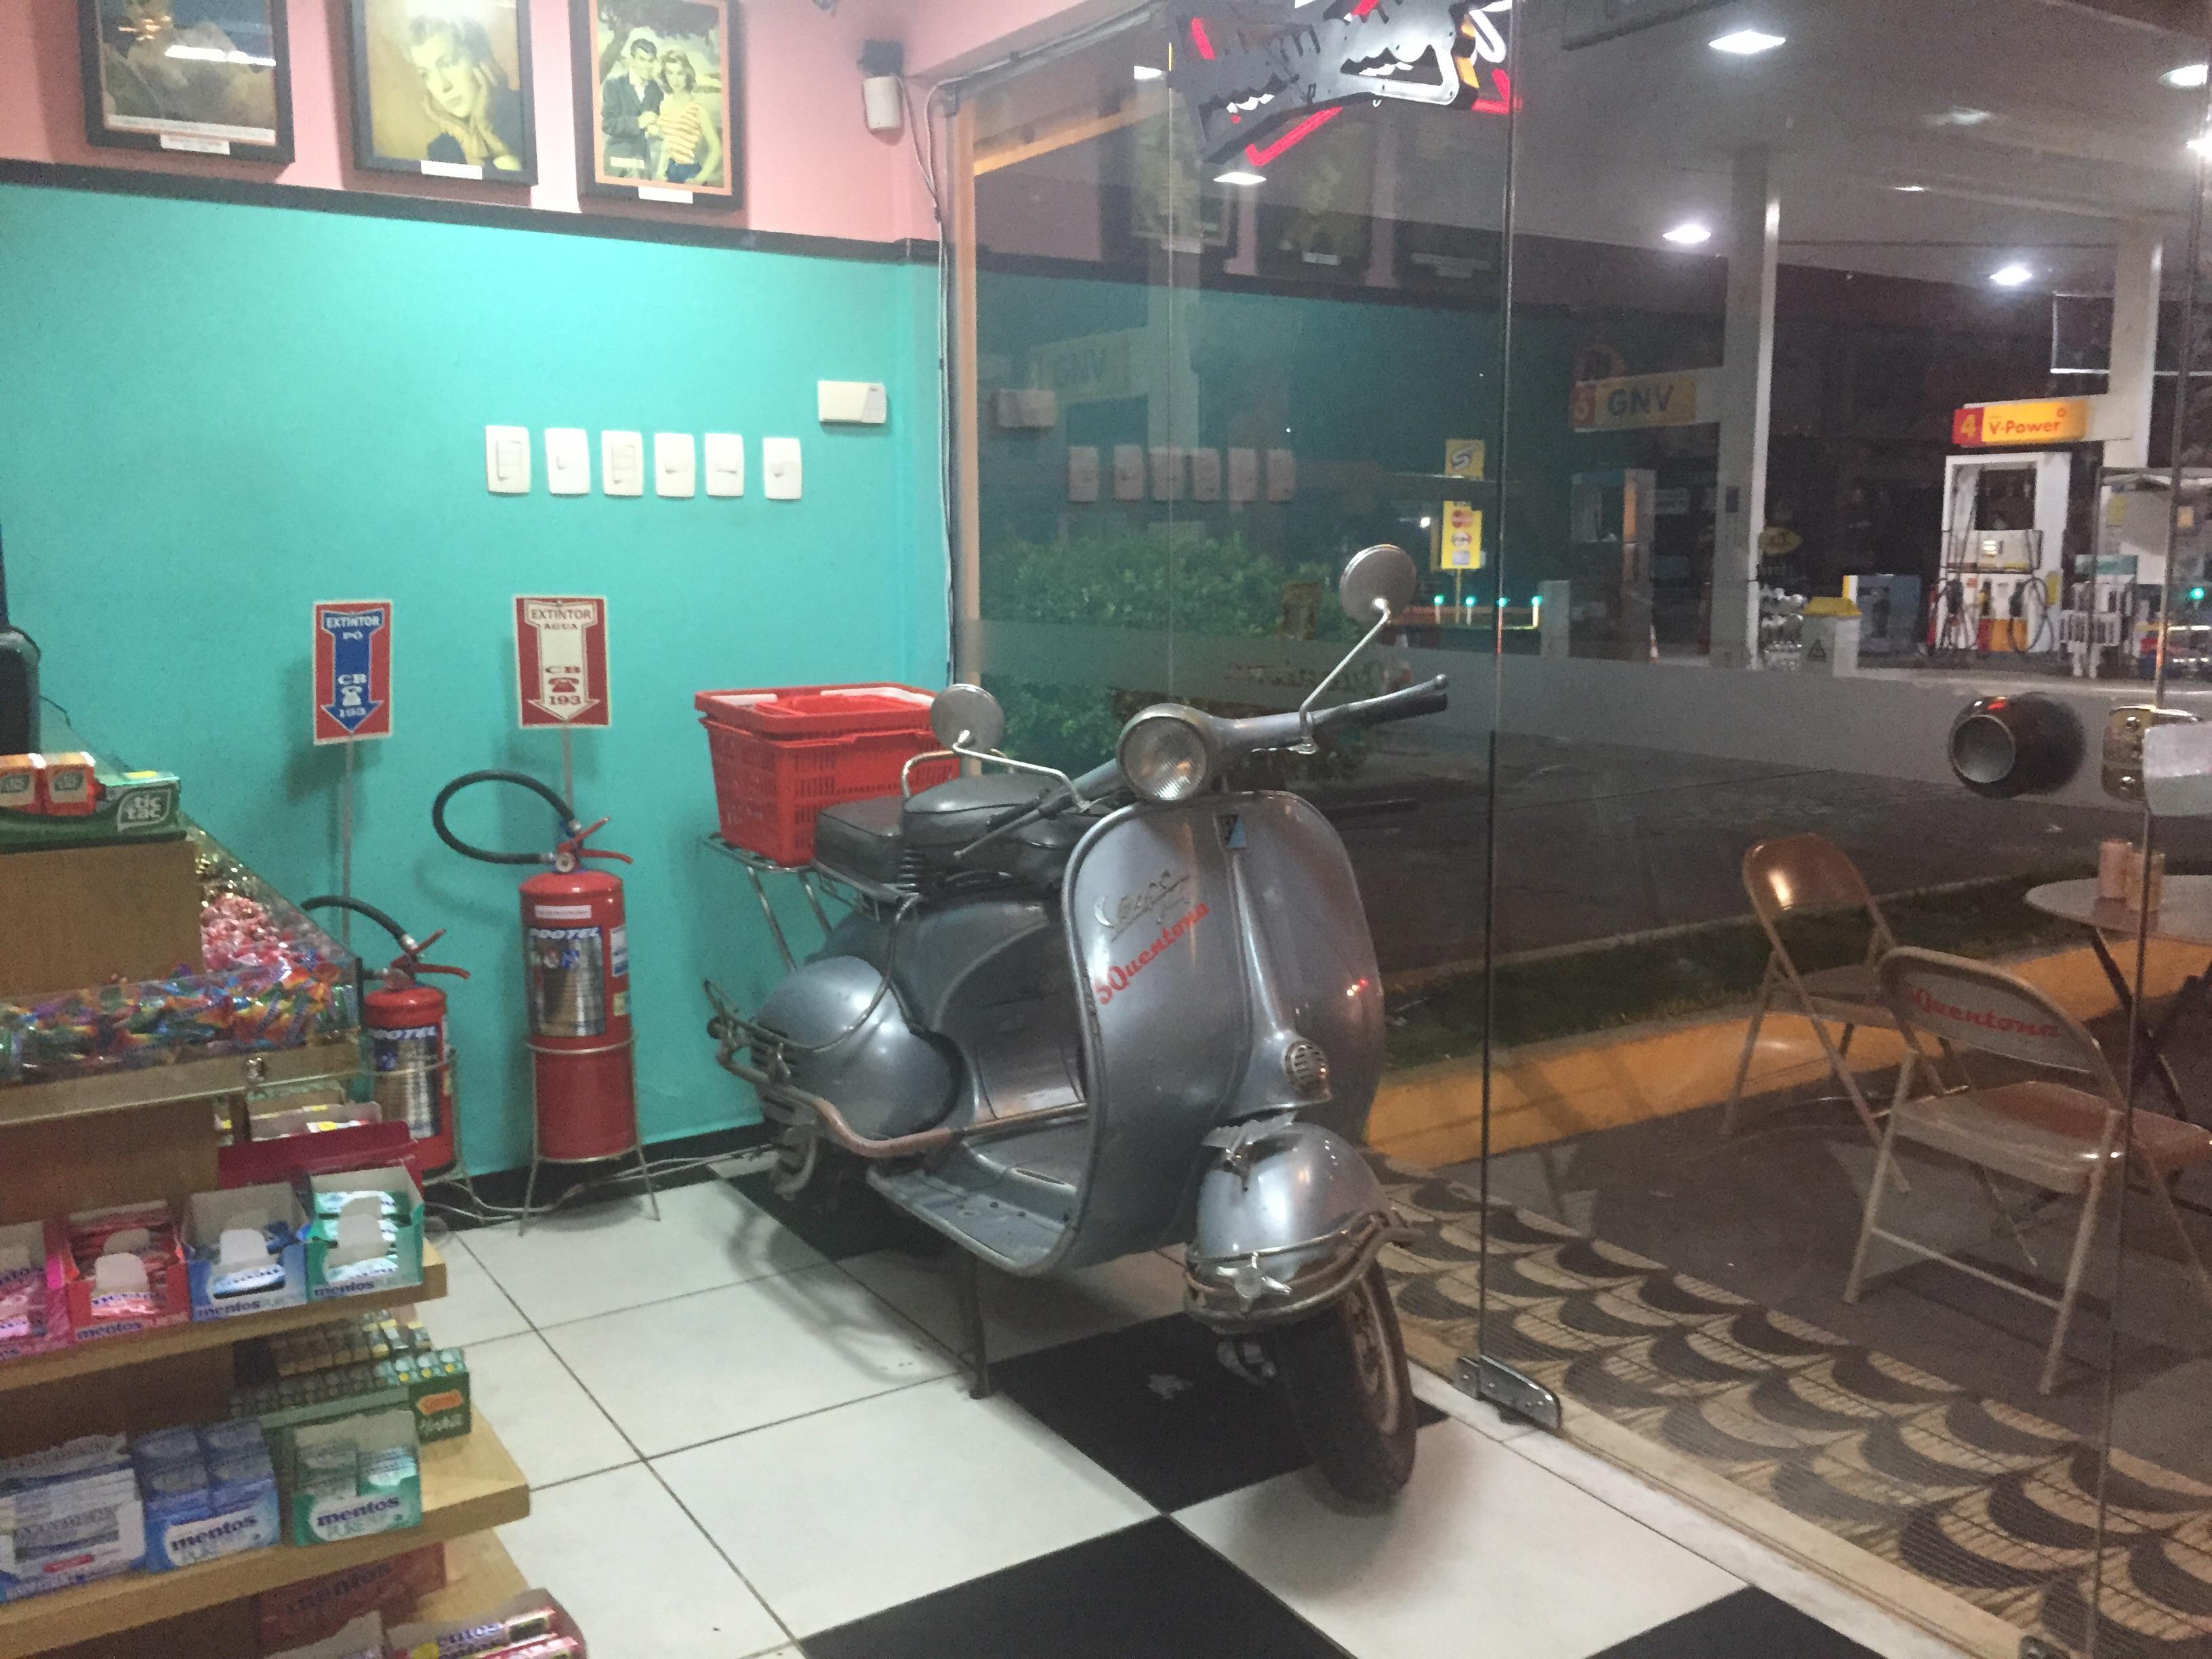 Rolezinho em loja de conveniência com cara de anos 50